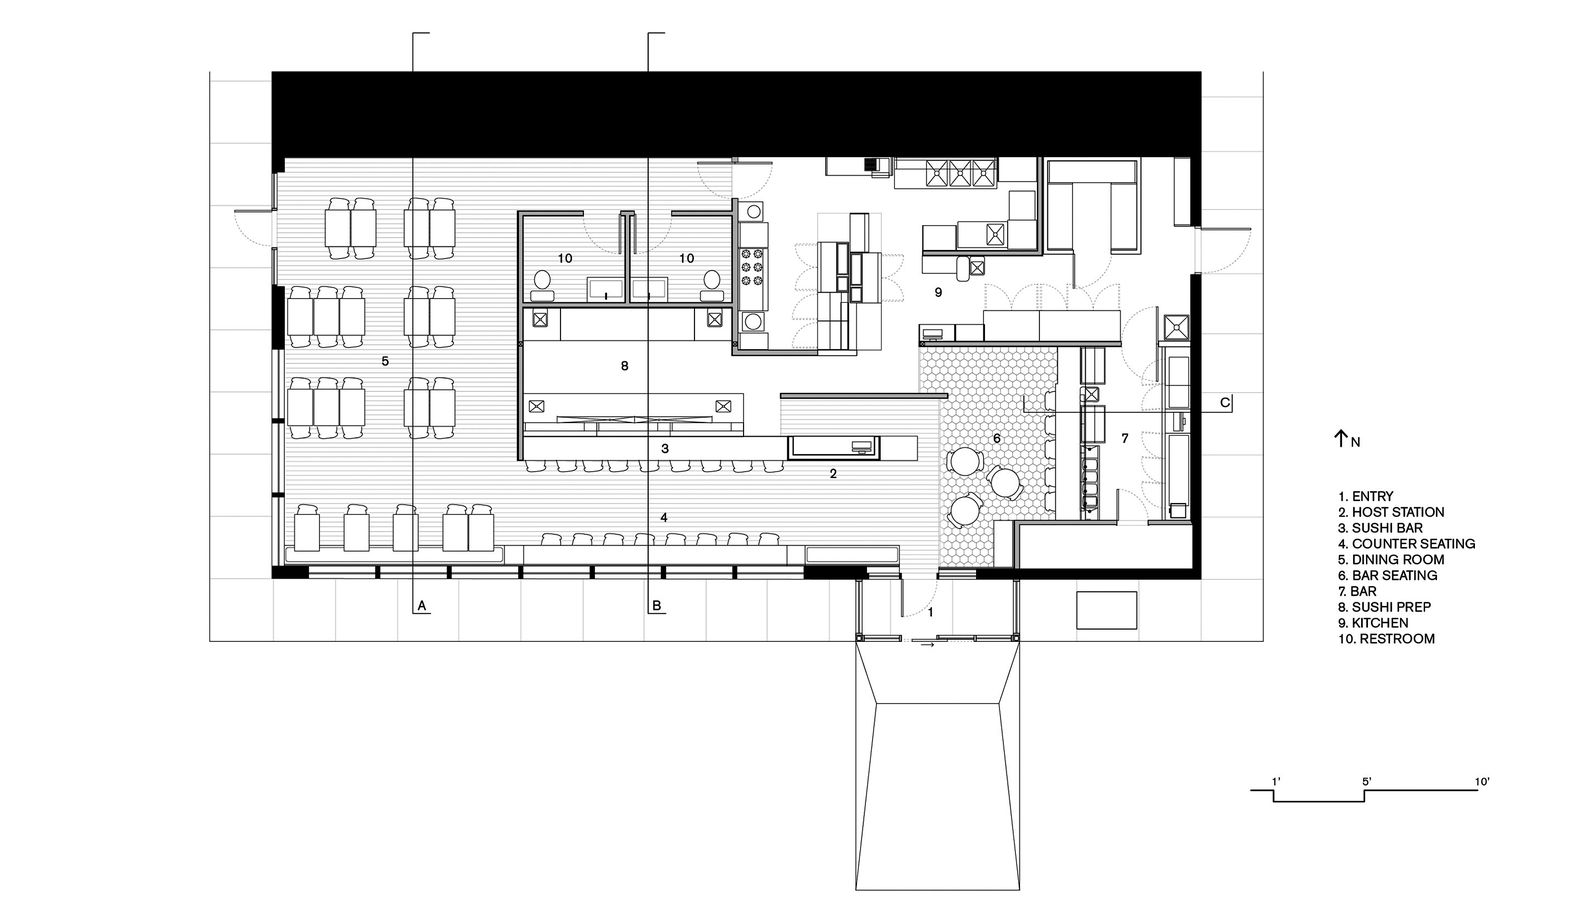 medium resolution of gallery aka sushi synecdoche design studio daub lab 14 restaurant plan